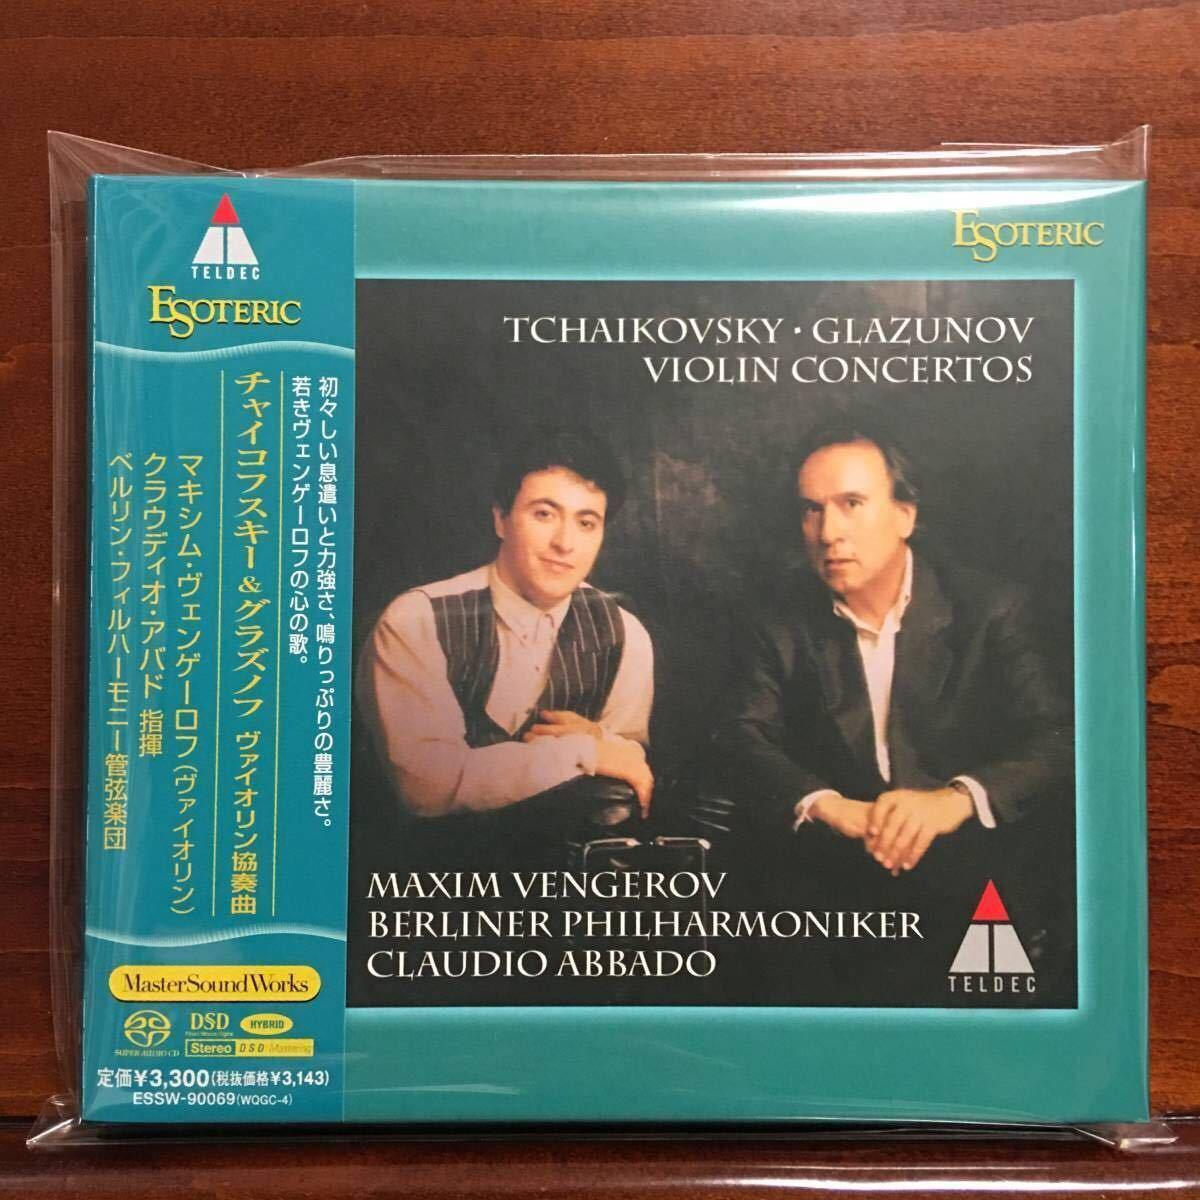 【極美品】★ESOTERIC ヴェンゲーロフ チャイコフスキー ヴァイオリン協奏曲 SACD エソテリック